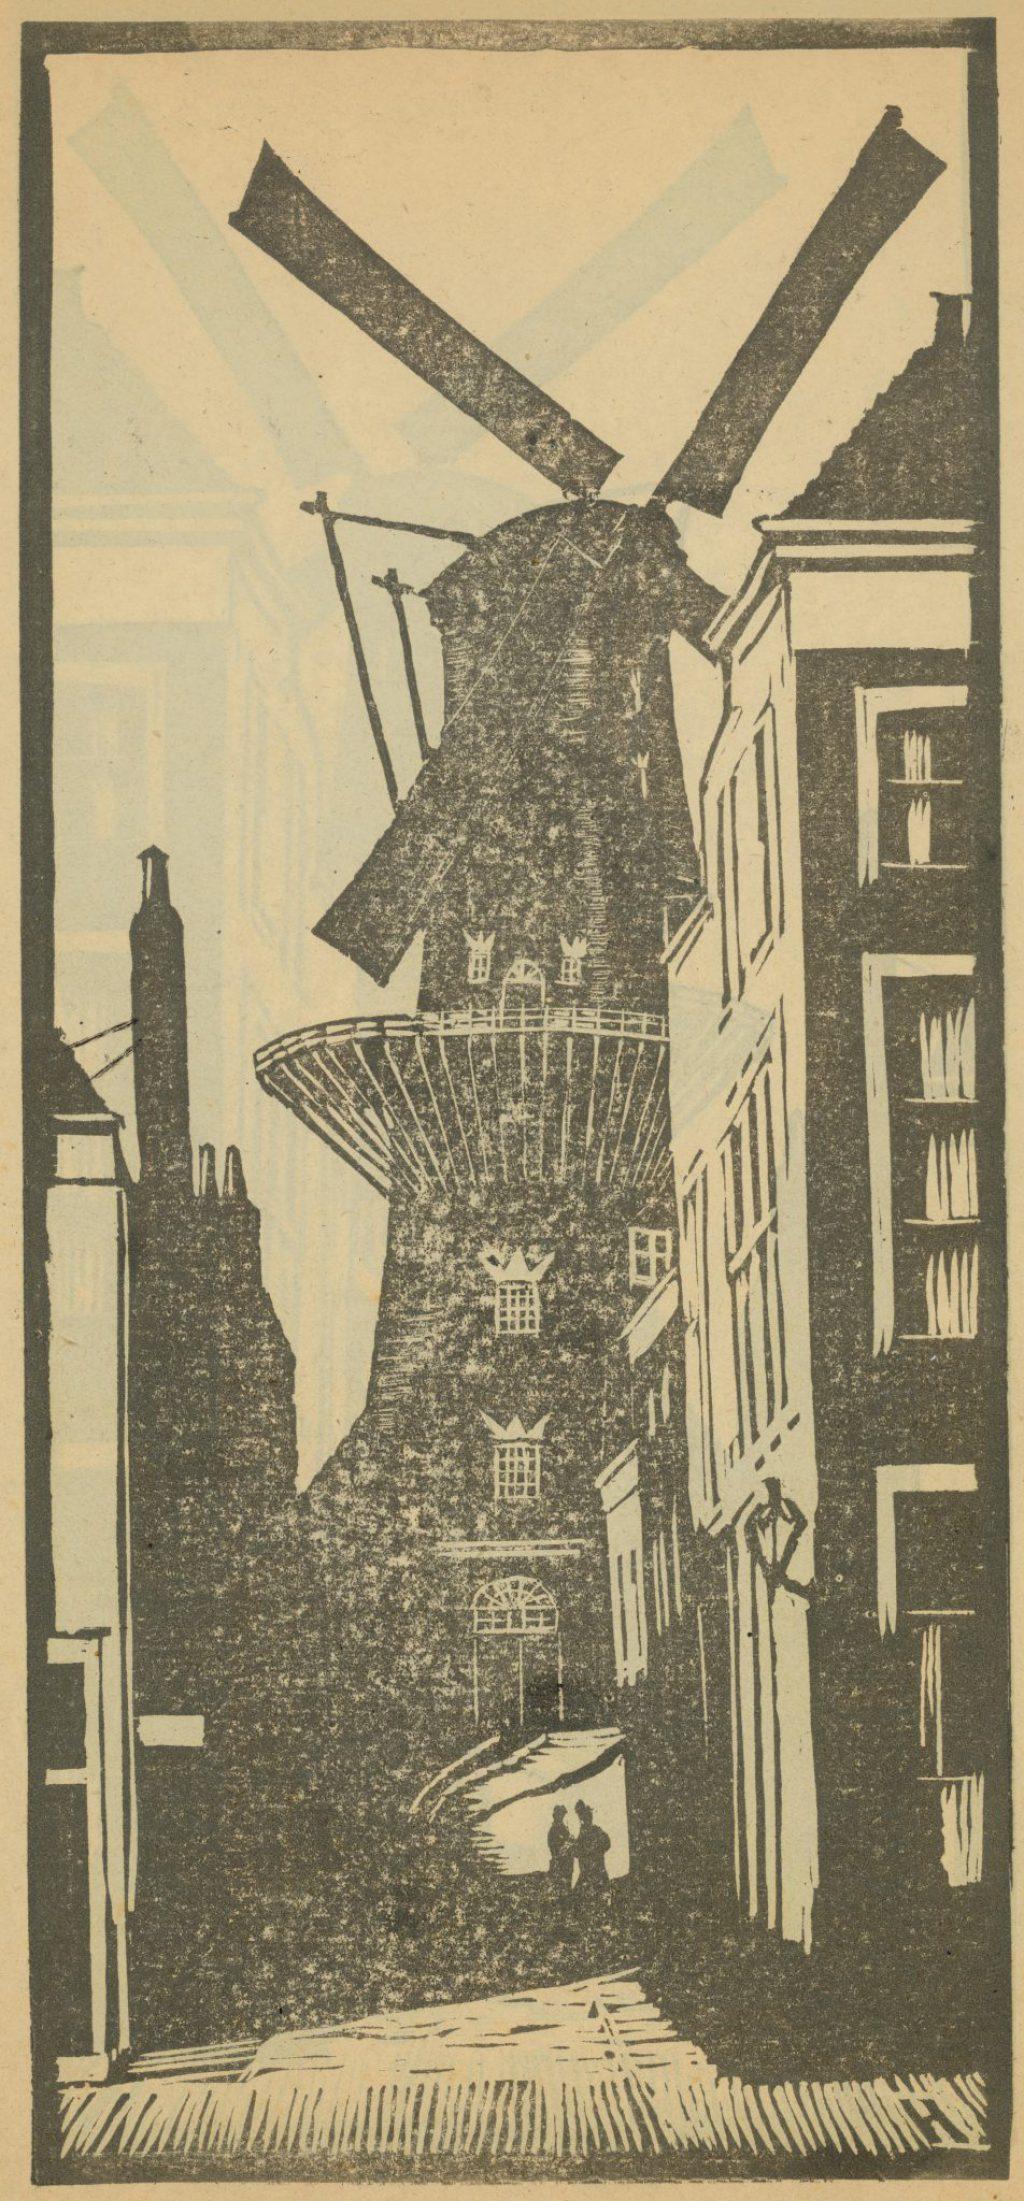 Afdruk van een linosnede, Jan Heesterman, 1920 (TMS 68227)